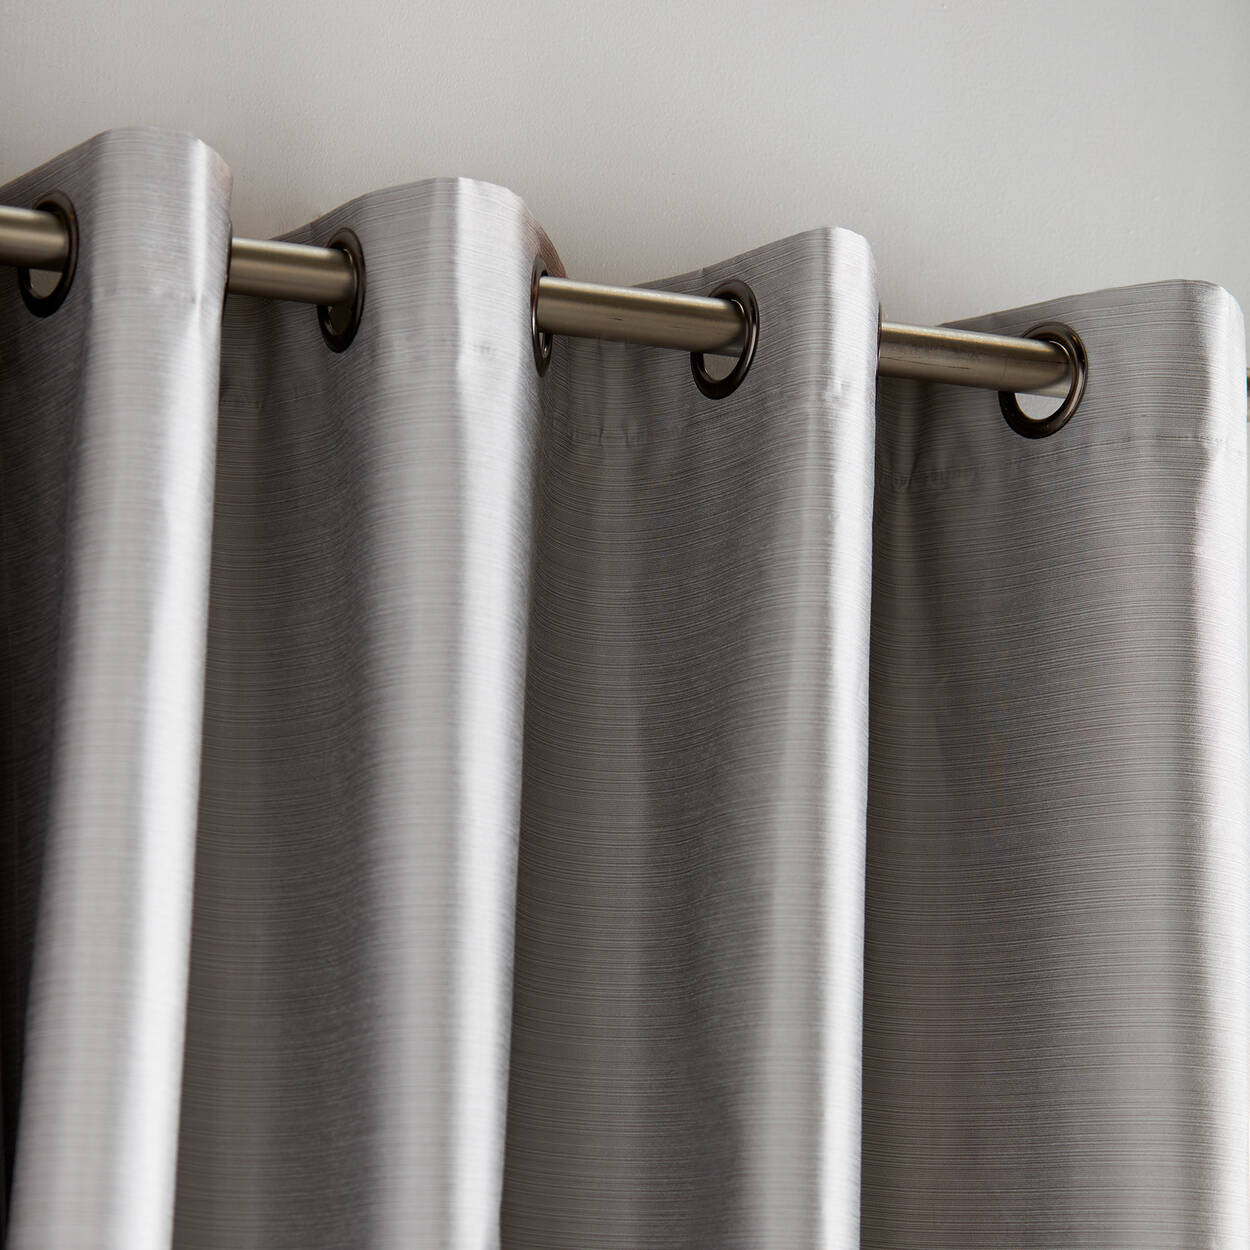 Room Darkening Curtain - Azuki